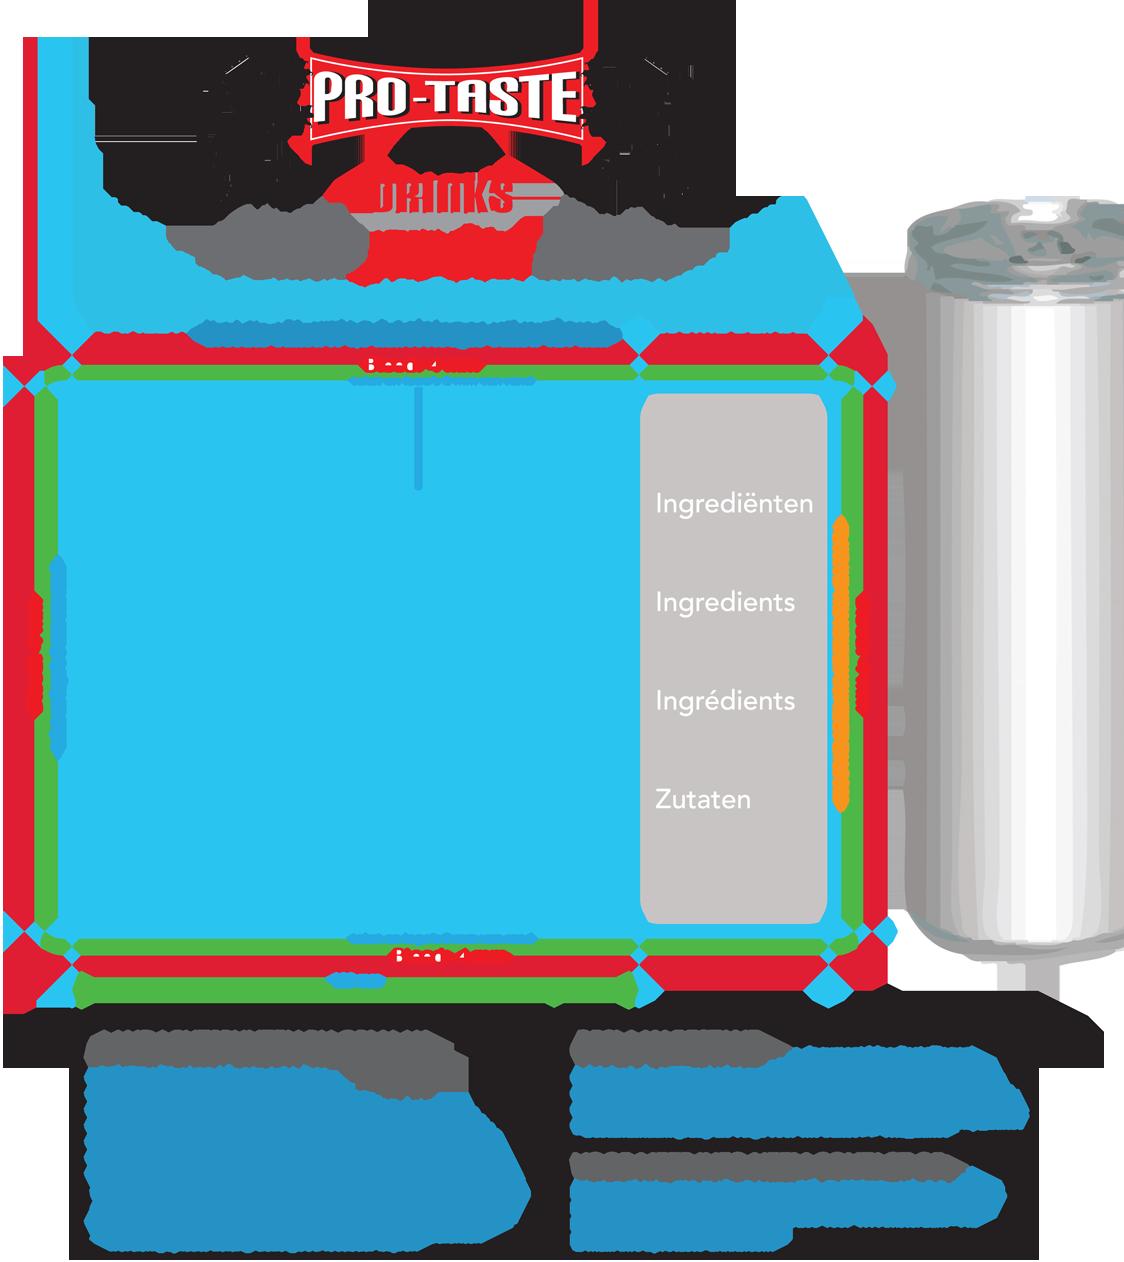 protaste aanleverspecificaties energiedrank energydrink